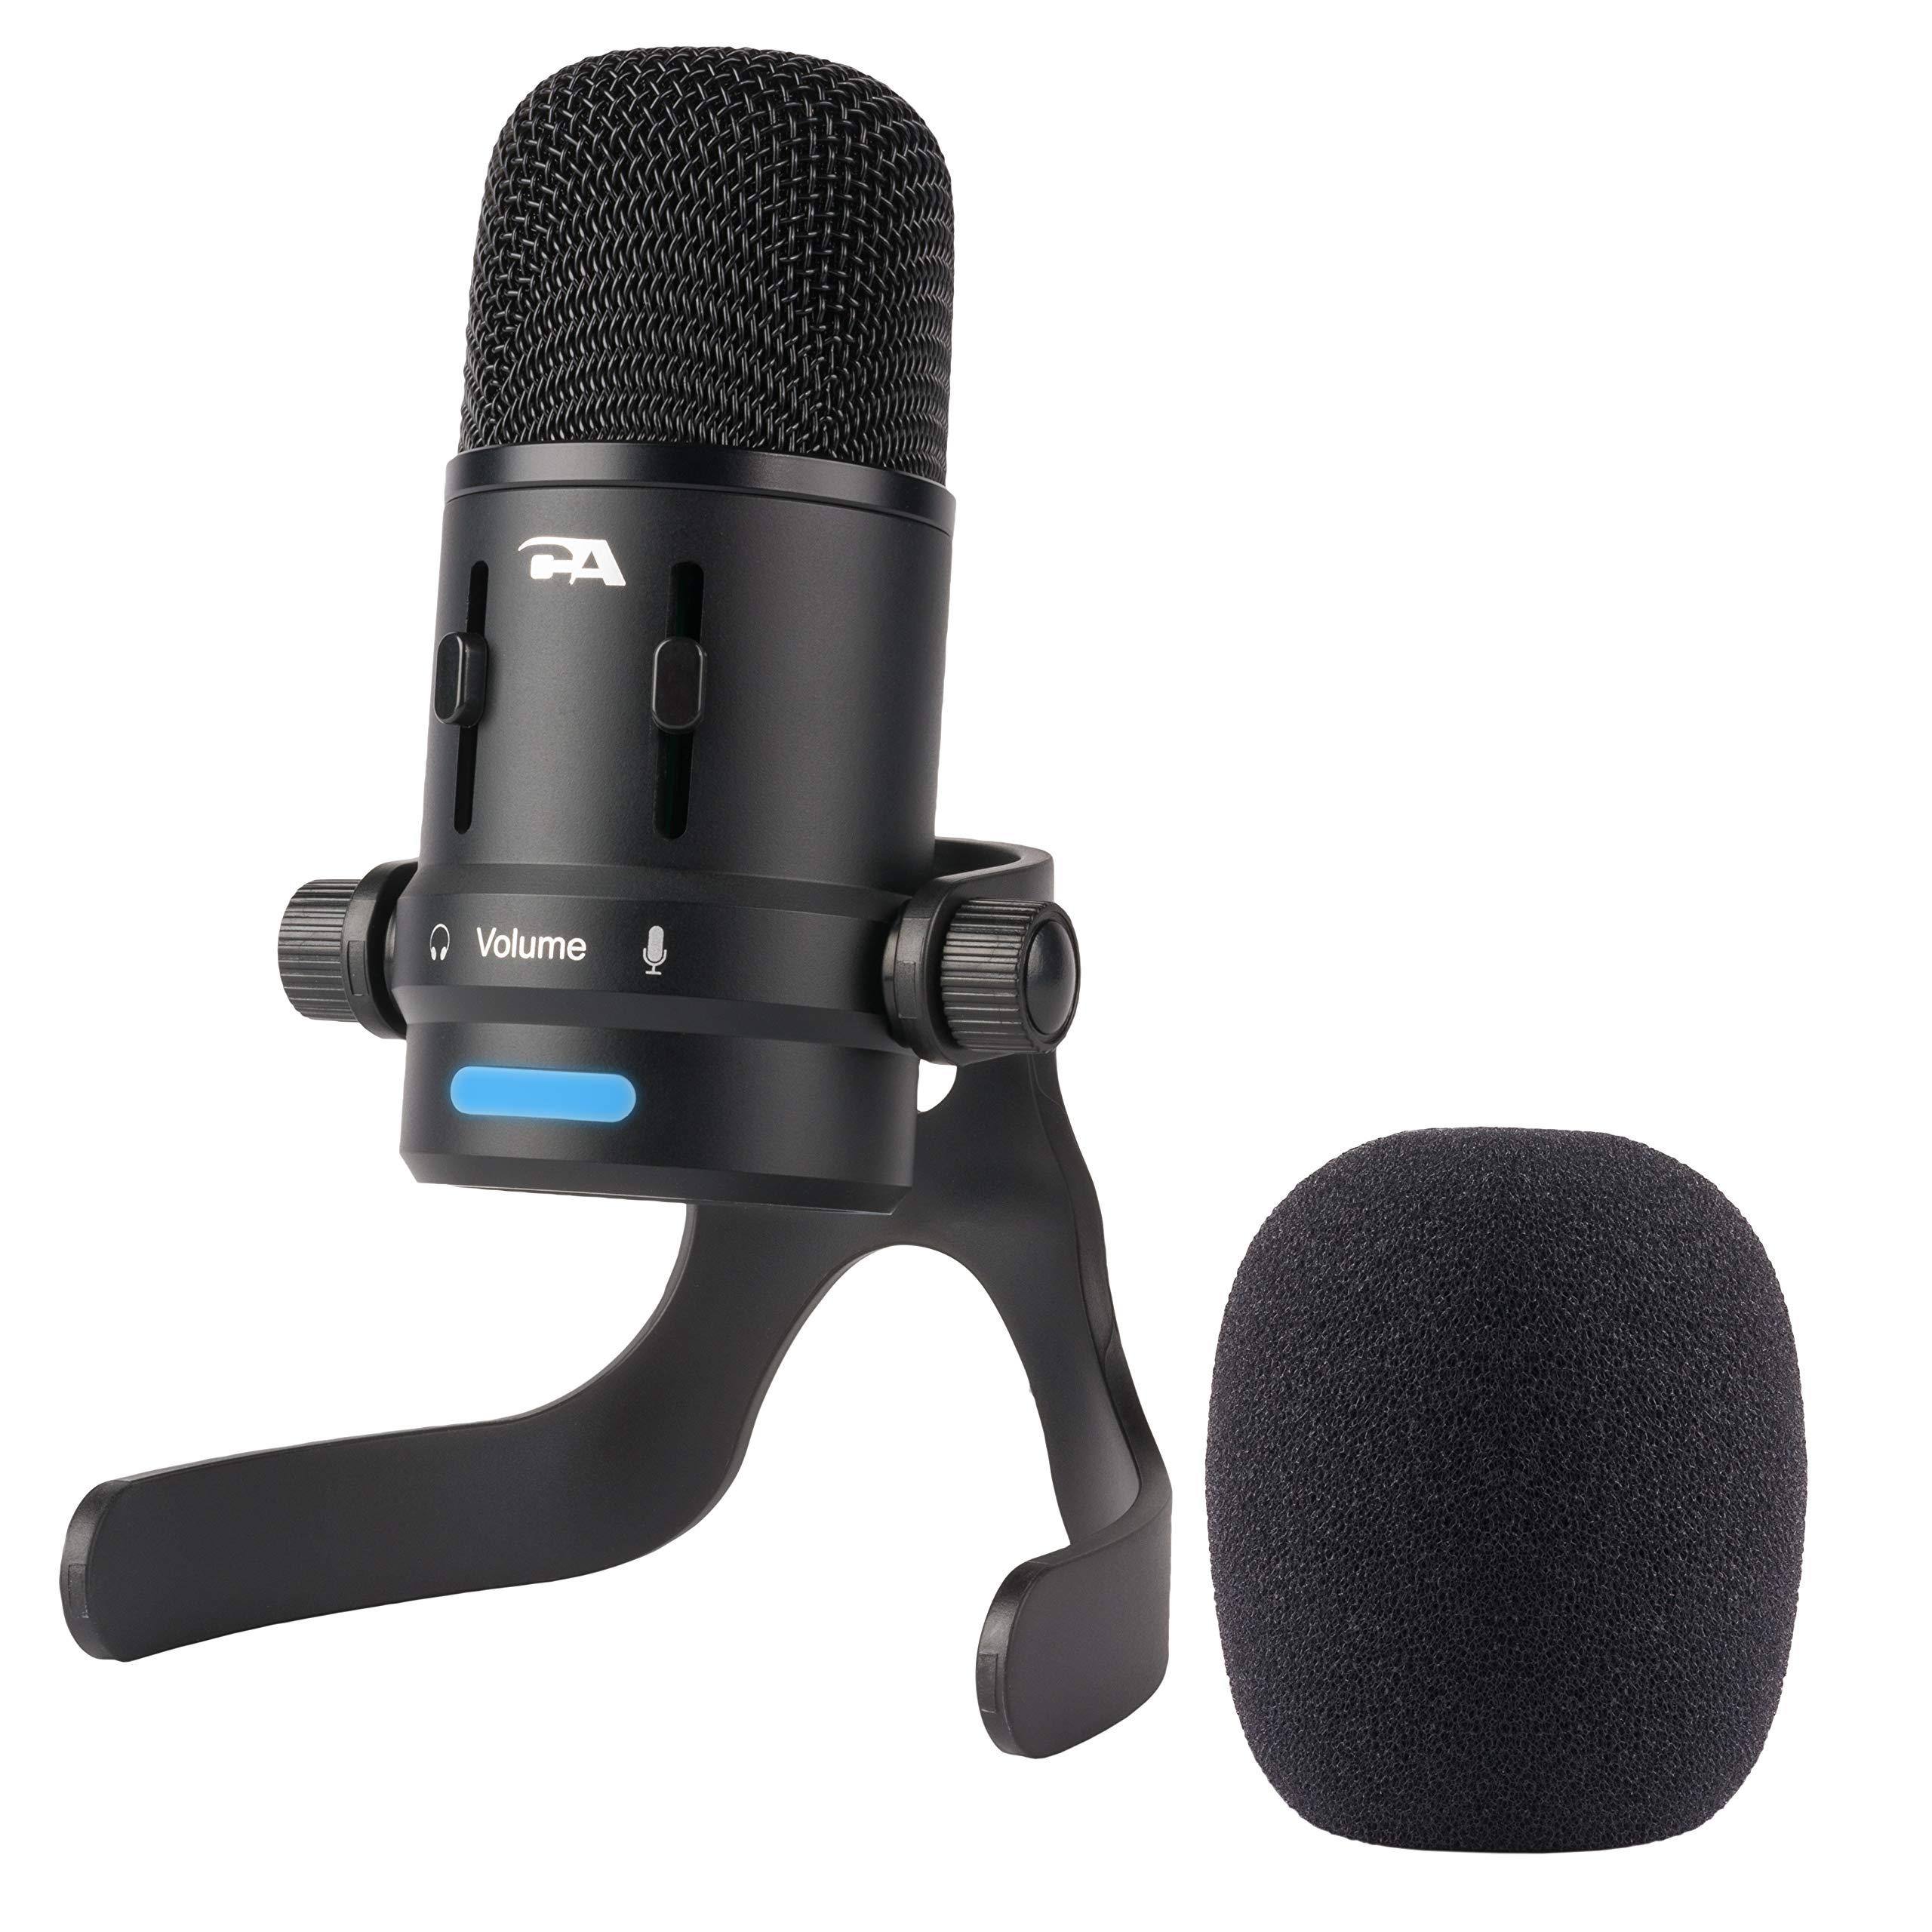 Micrófono de condensador USB de Cyber Acoustics para podcasts, juegos, voz, música, estudio y grabaciones  (CVL-2006)